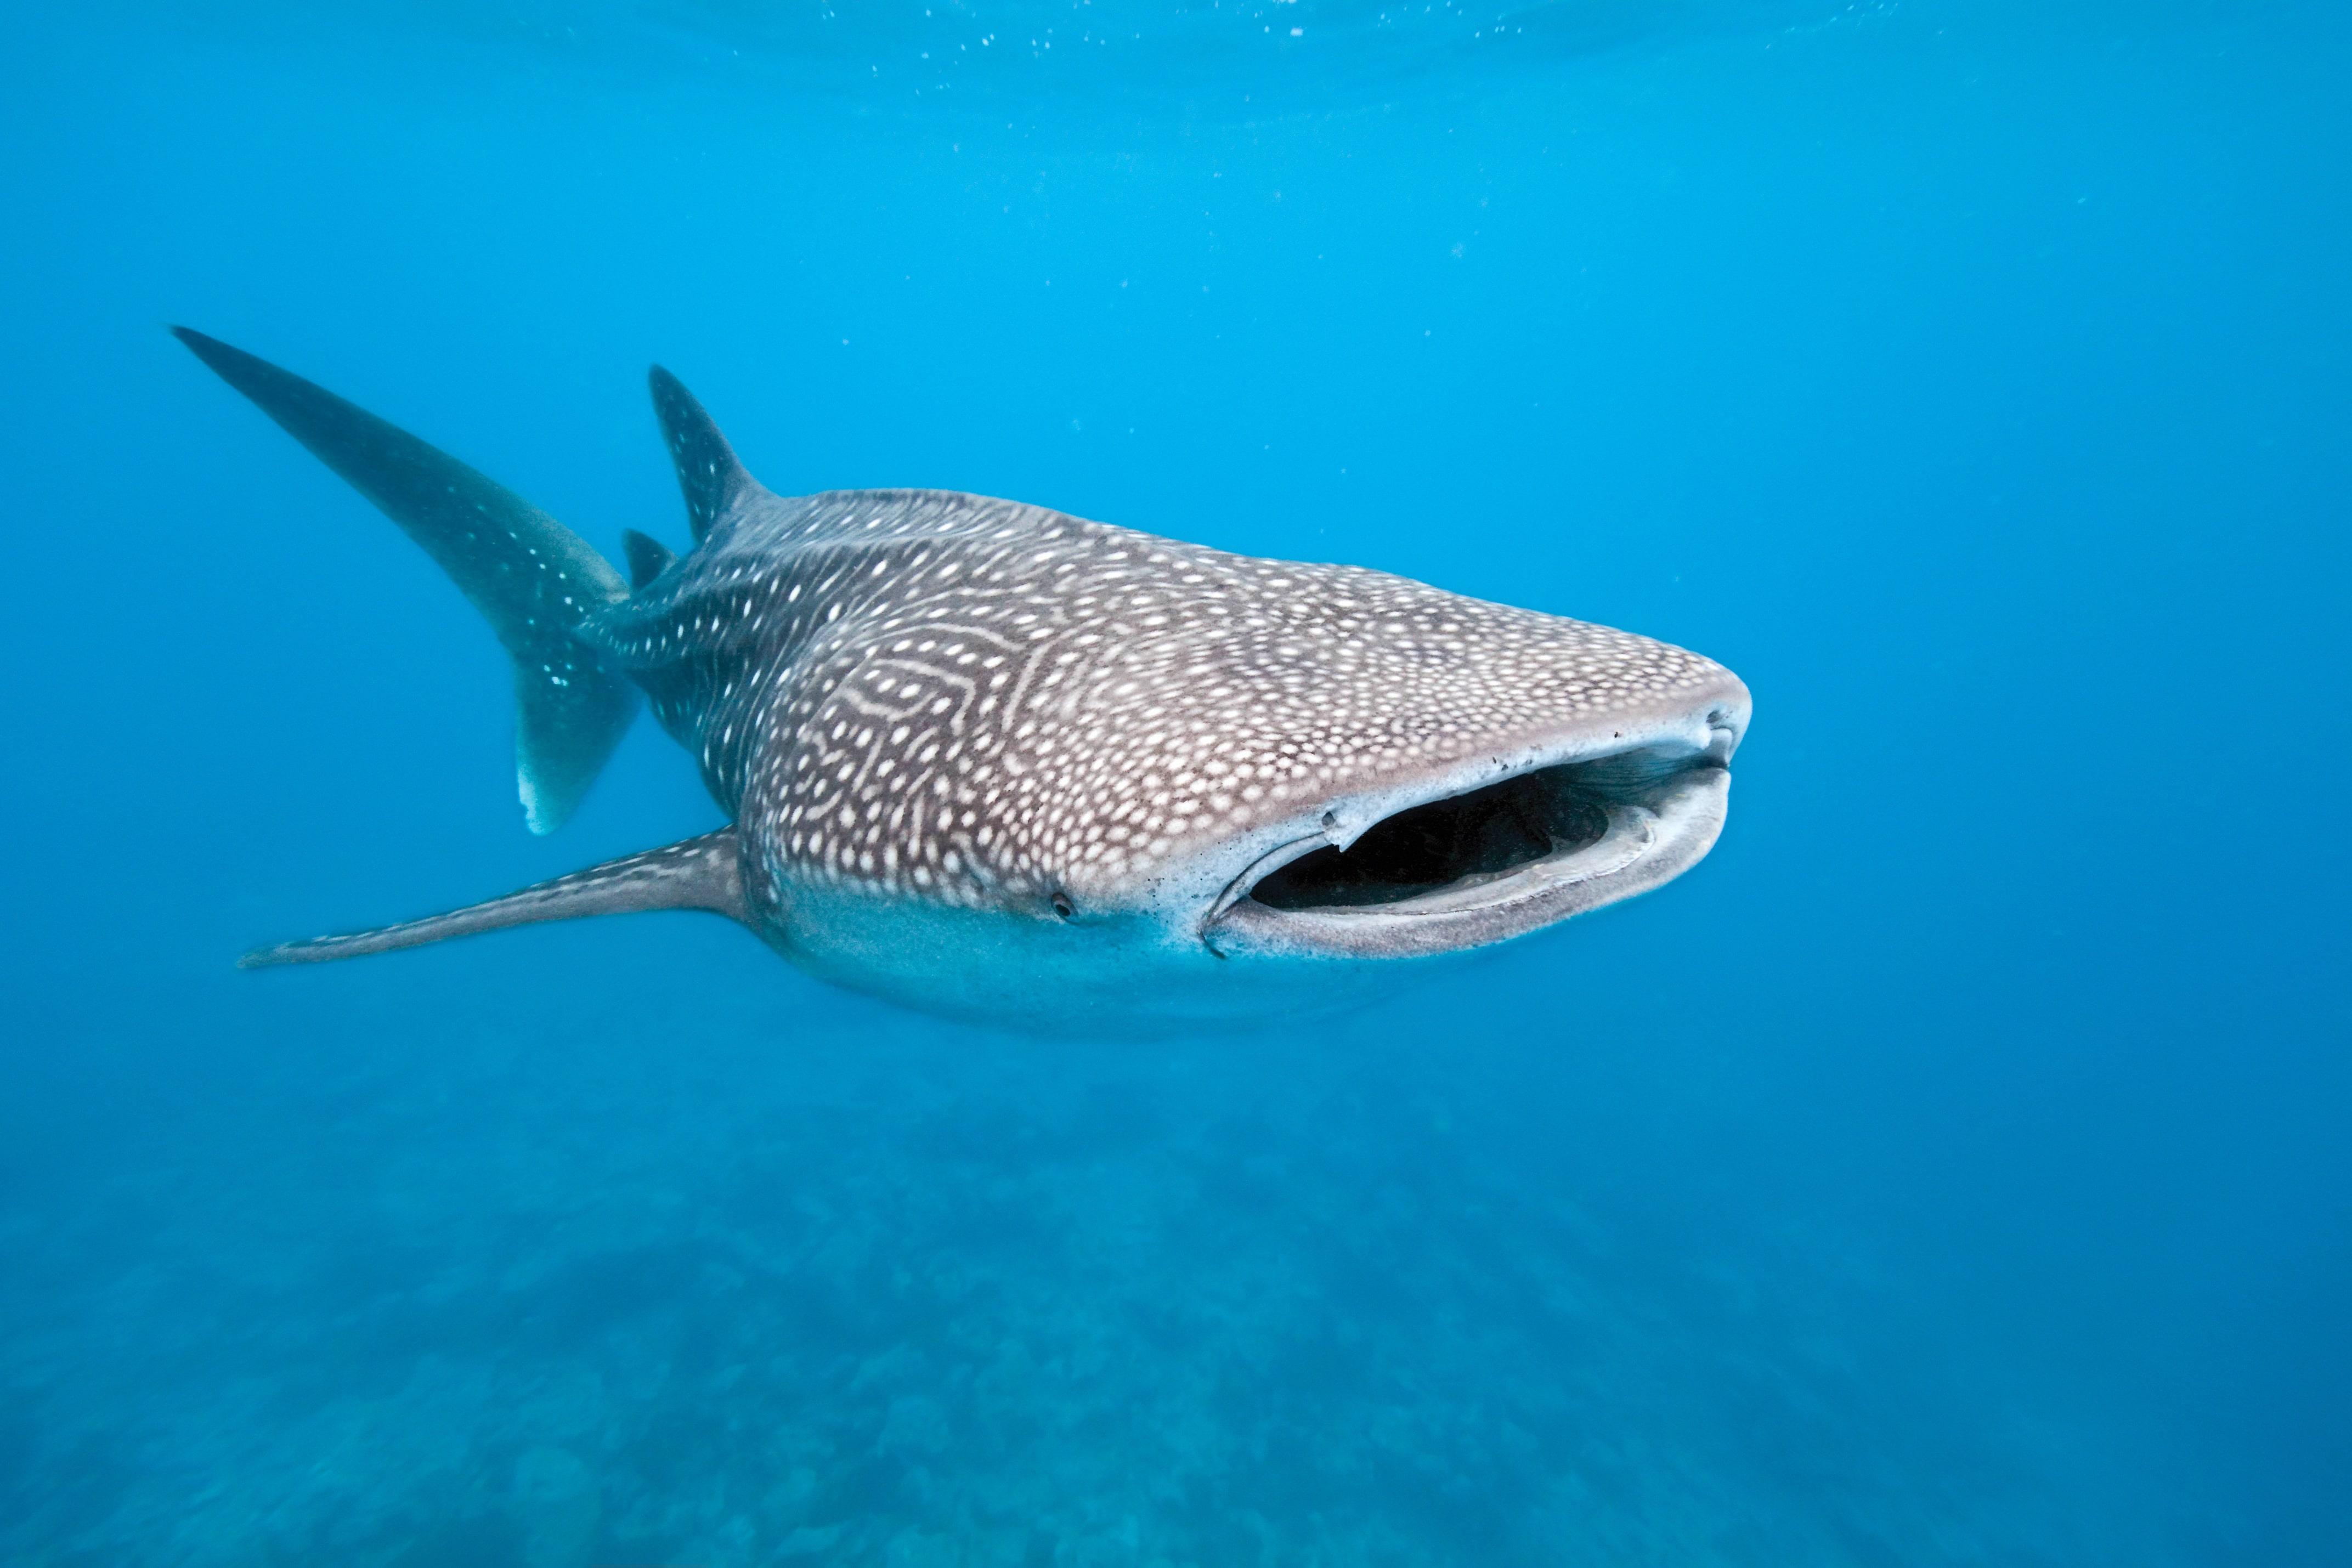 【セブ島】ジベンベイザメに会えるオスロブ、ウミガメに会えるモアルボアルへの行き方